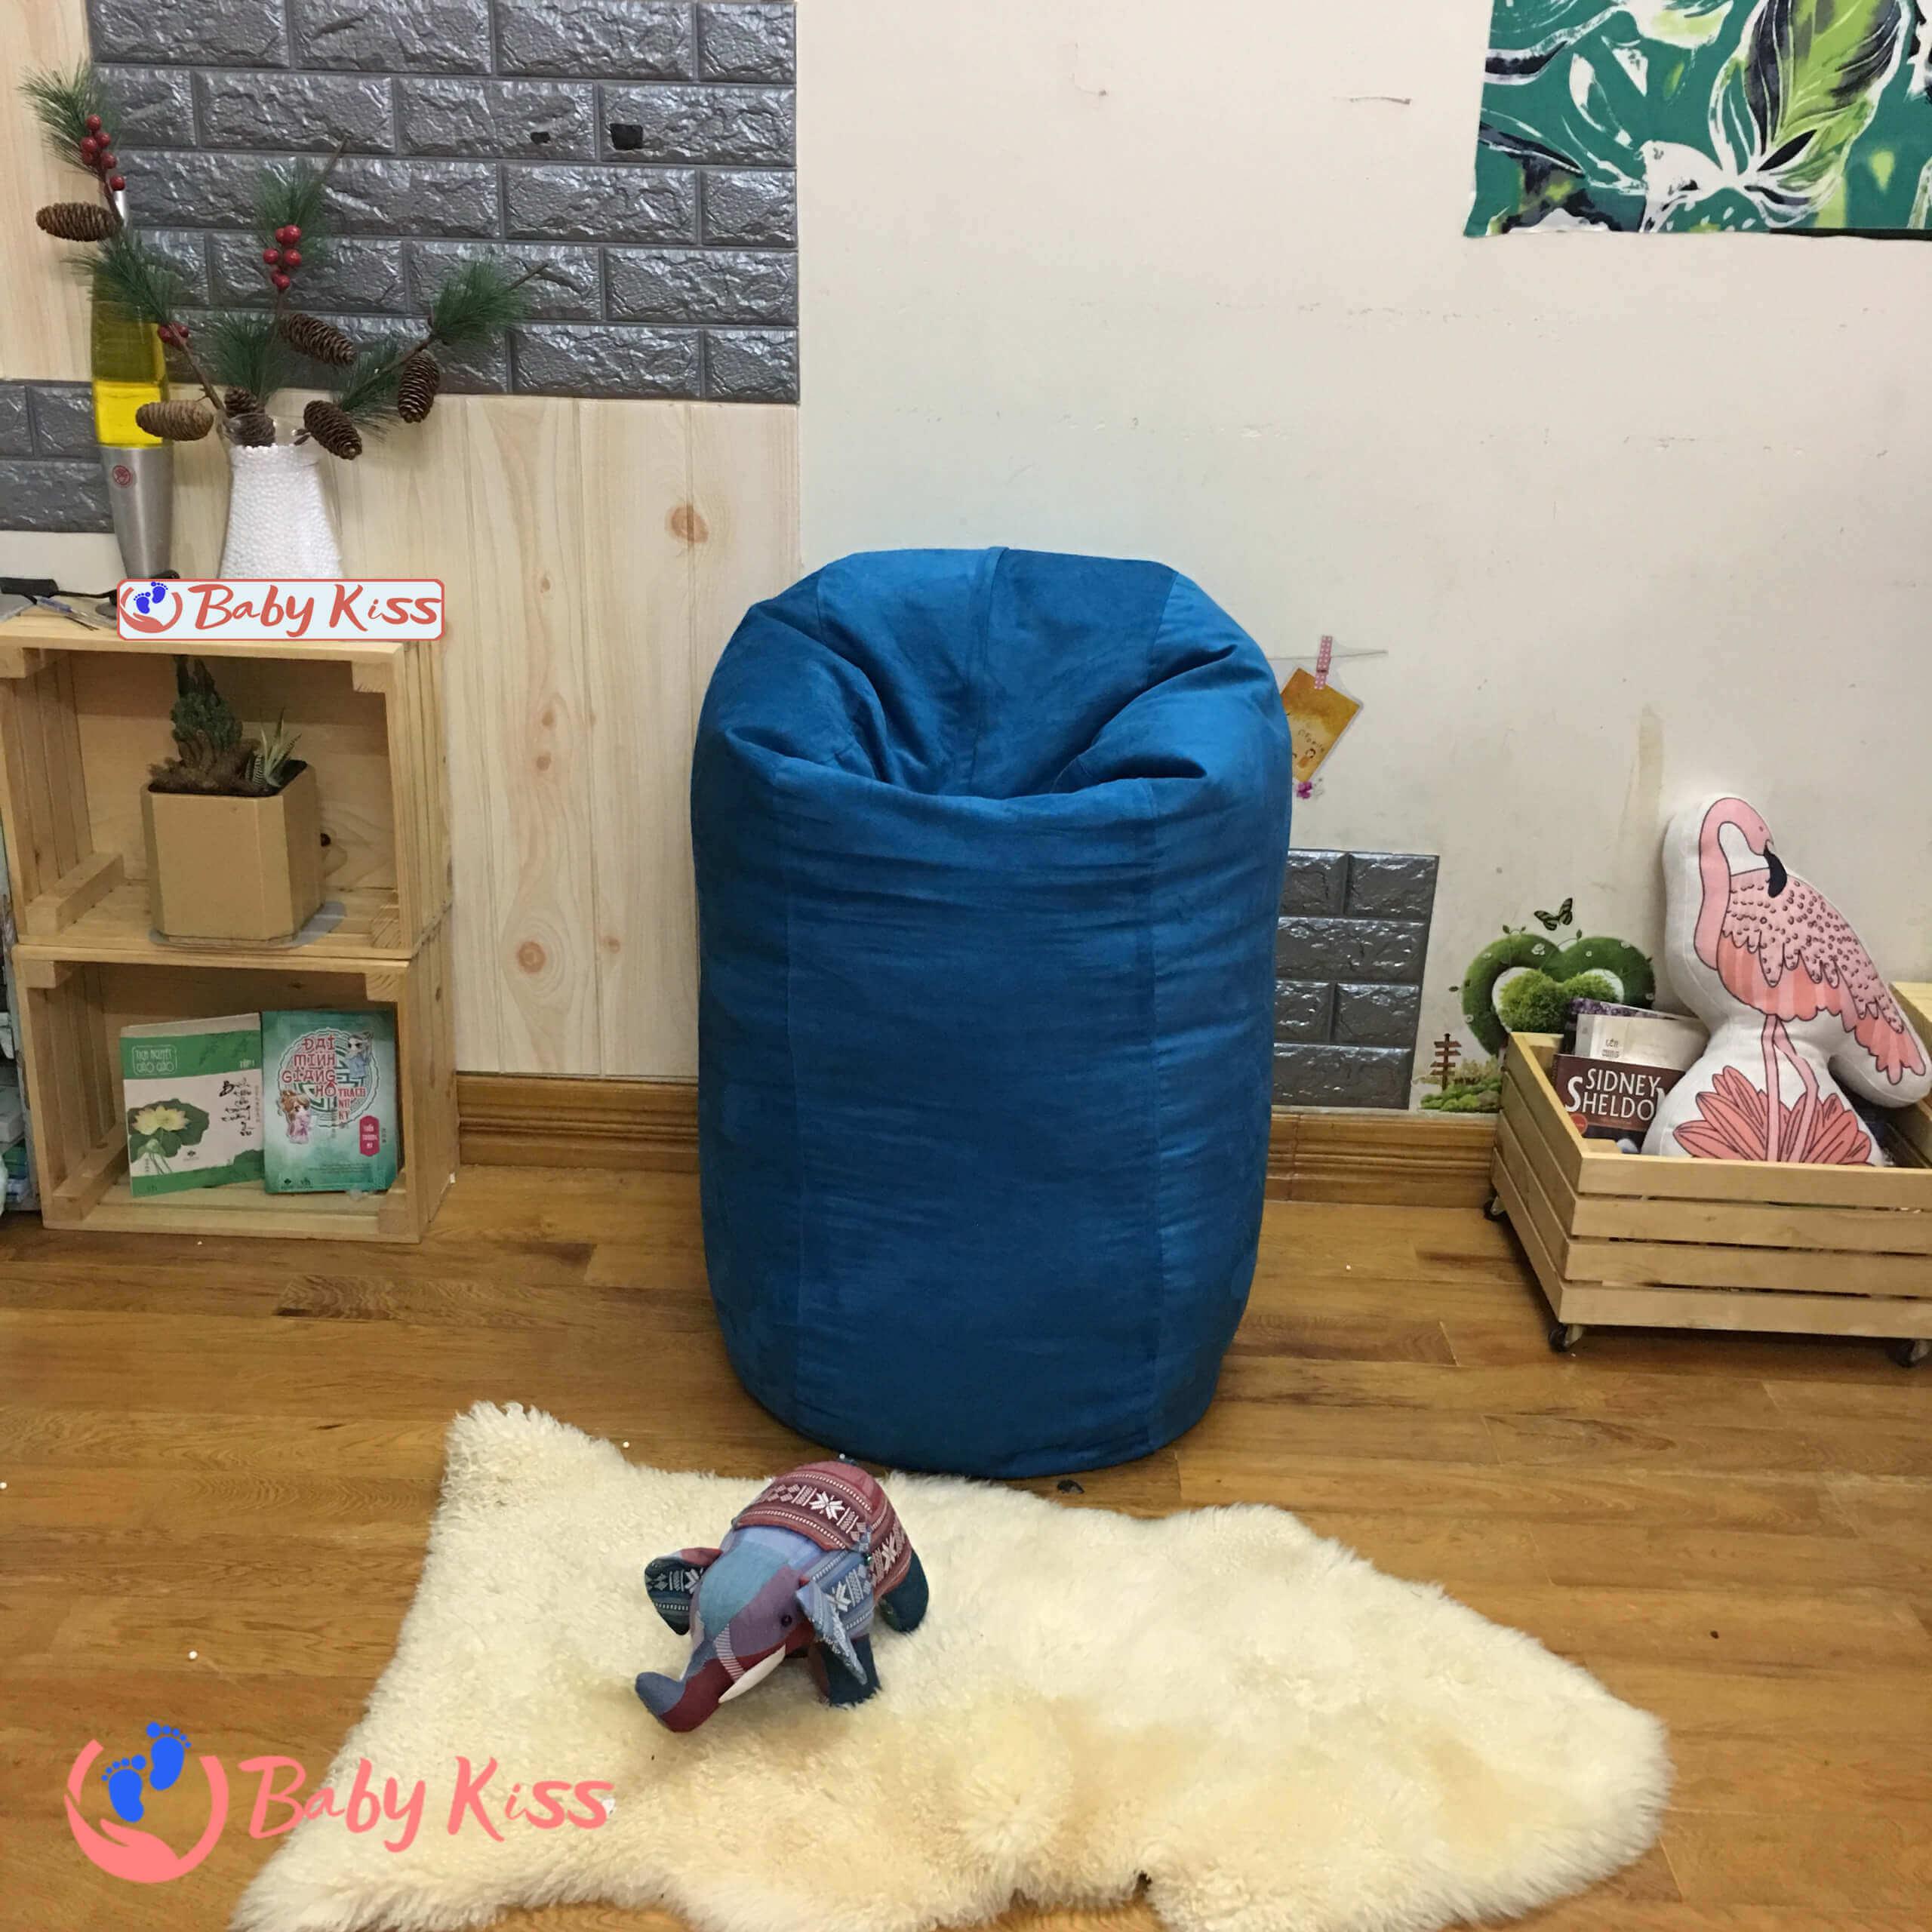 Gối lười ghế lười hạt xốp tại Quận Phú Nhuận TPHCM giá rẻ số 1